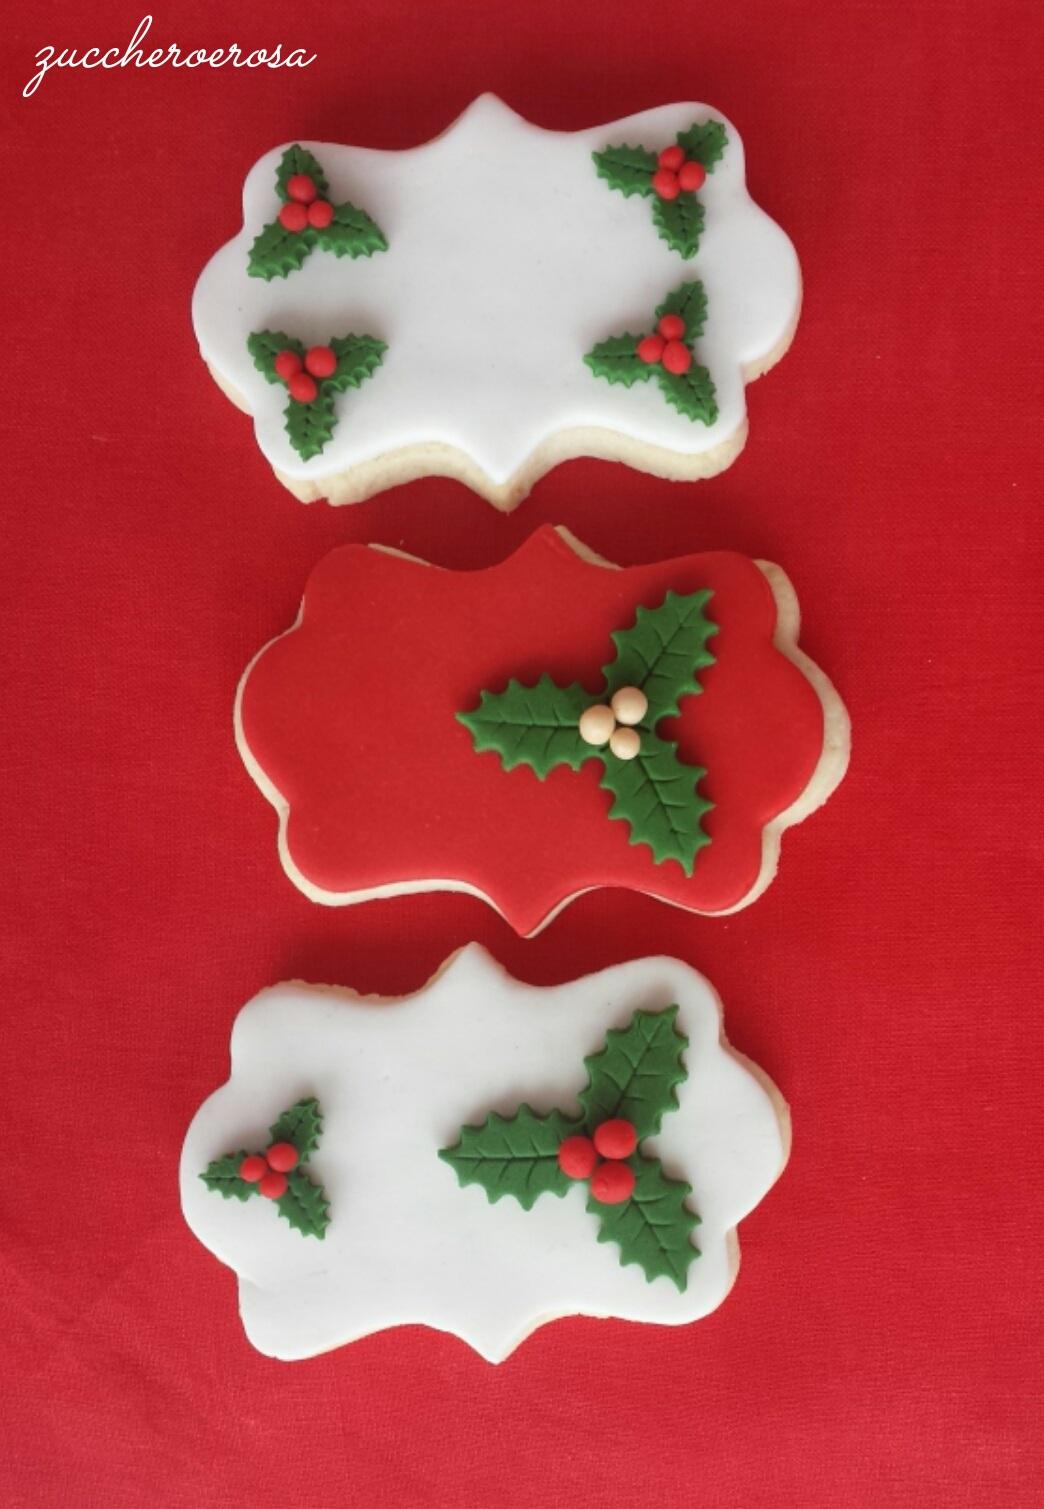 Biscotti Di Natale Uccia.Frolla Per Biscotti Decorati Zuccheroerosa